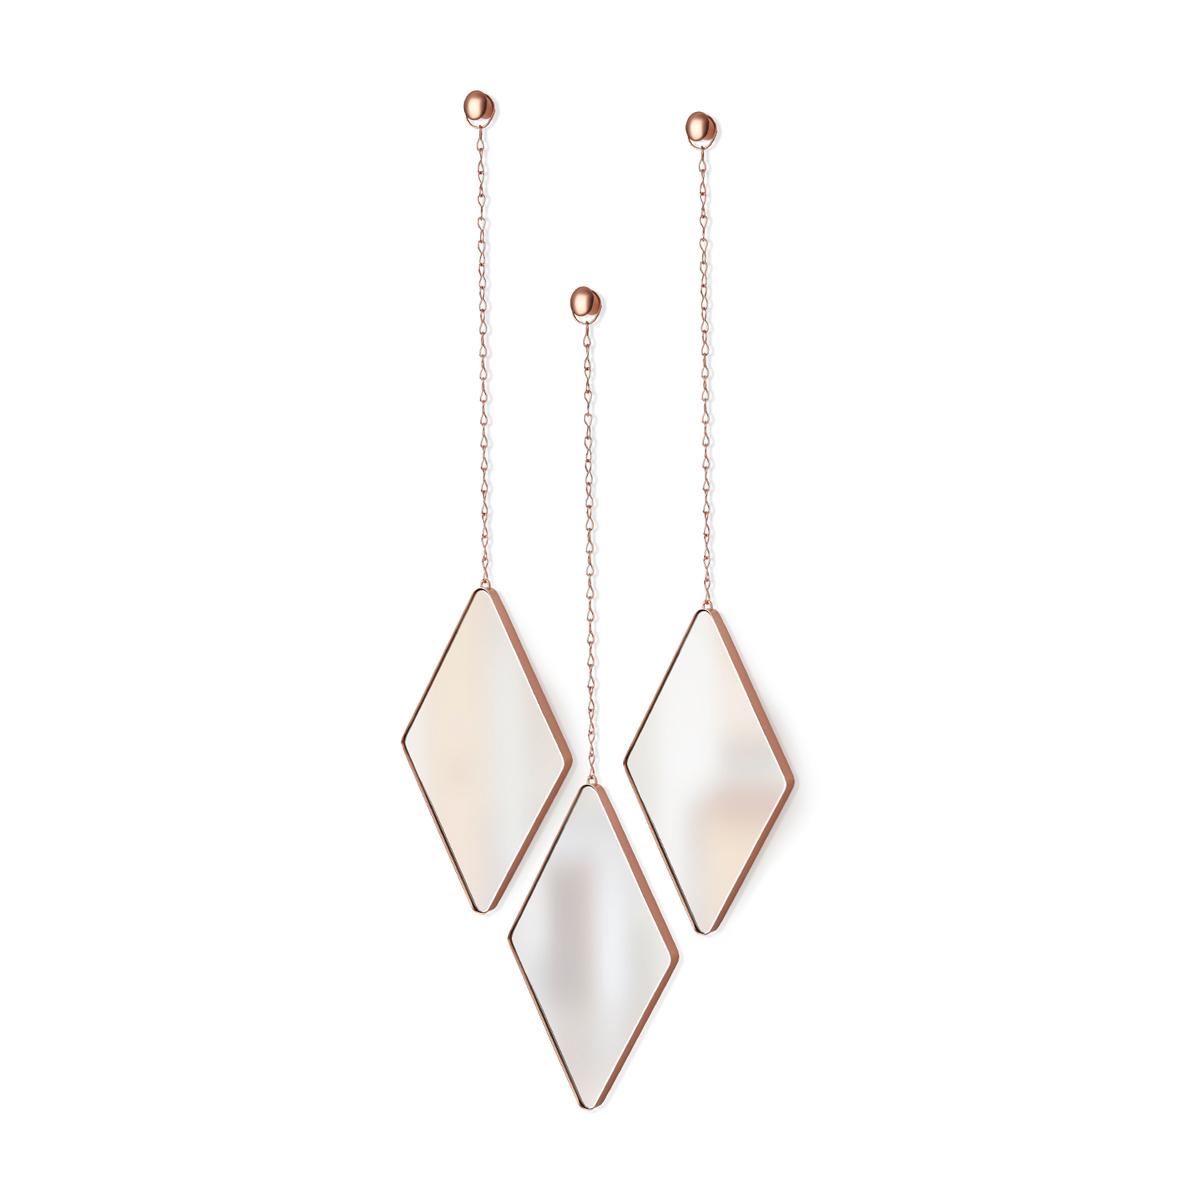 """Интерьерное зеркало Umbra """"Dima"""" – комплект из трех ромбовидных зеркал в медном цвете. Зеркала в металлических рамах с подвесом на  металлических цепочках. Крепятся к стене при помощи шурупов и дюбелей, которые закрываются декоративными металлическими  заглушками. Крепления входят в комплект.  Размер каждого зеркала: 28,7 х 17,7 х 1,6 см. Длина цепочки: 38 см."""